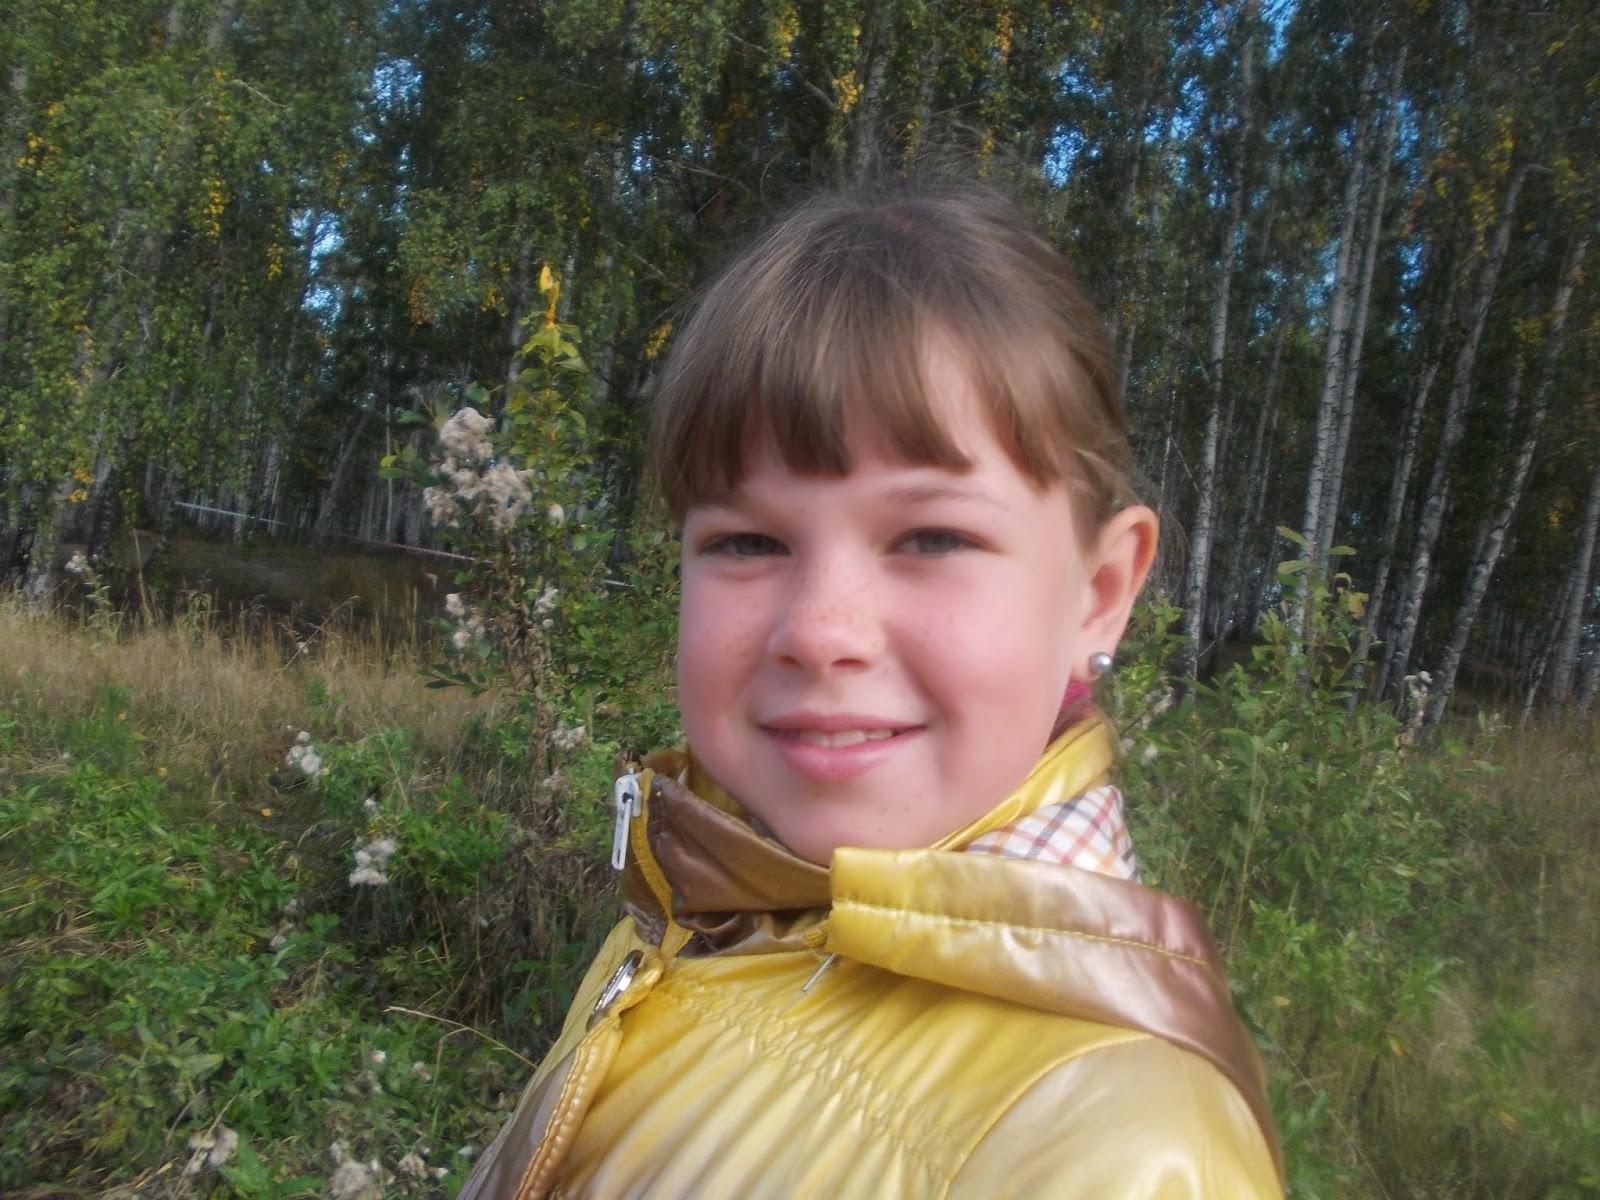 Фото раздетых девочек в лесу бесплатно 5 фотография